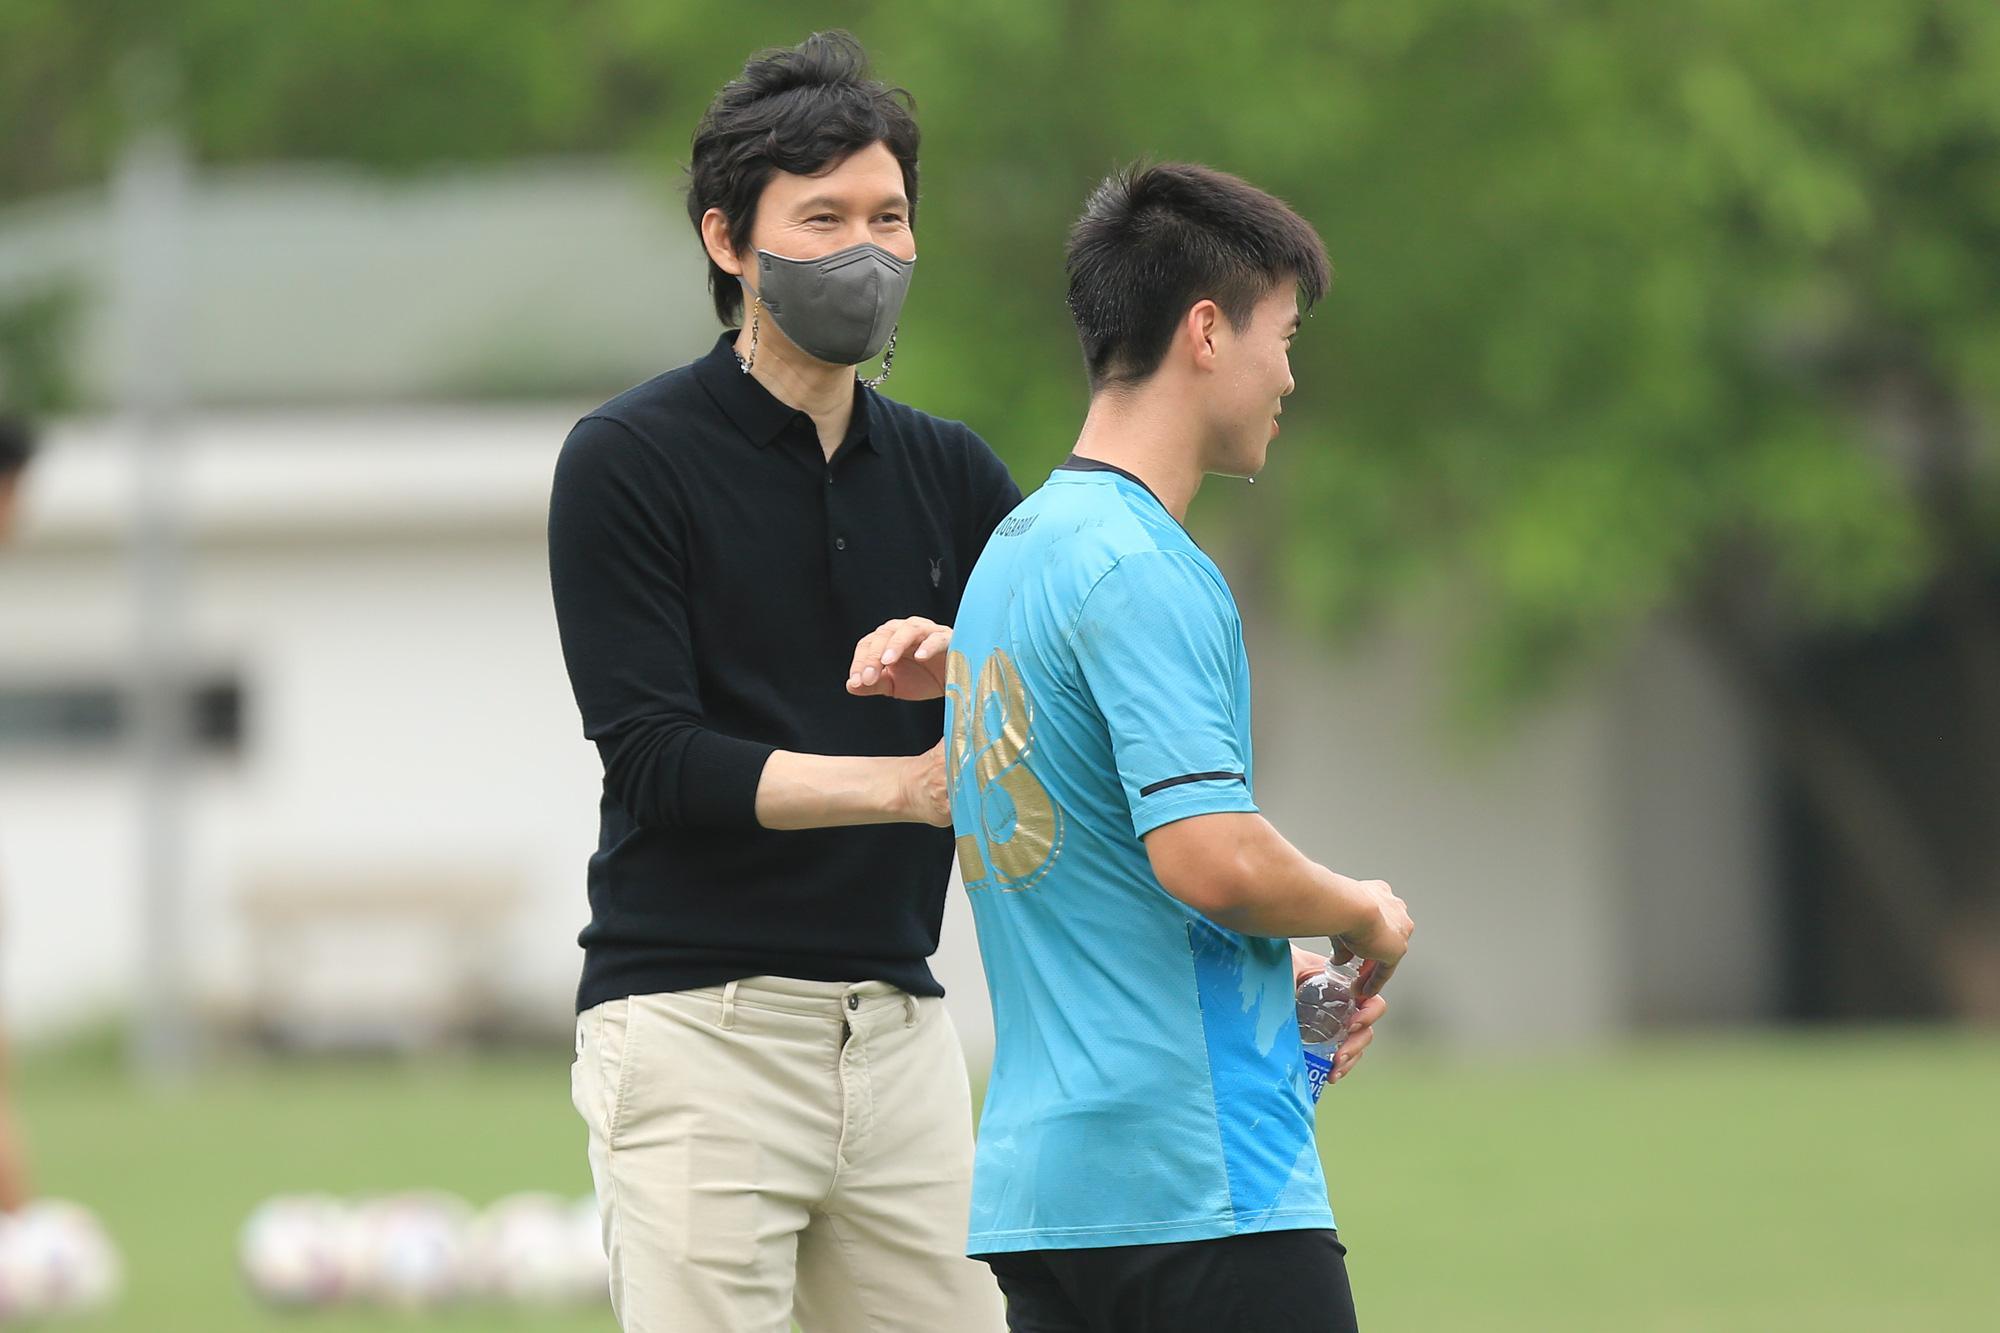 Chính thức: Đồng hương HLV Park Hang-seo cùng Hà Nội FC vượt khó! - Ảnh 3.